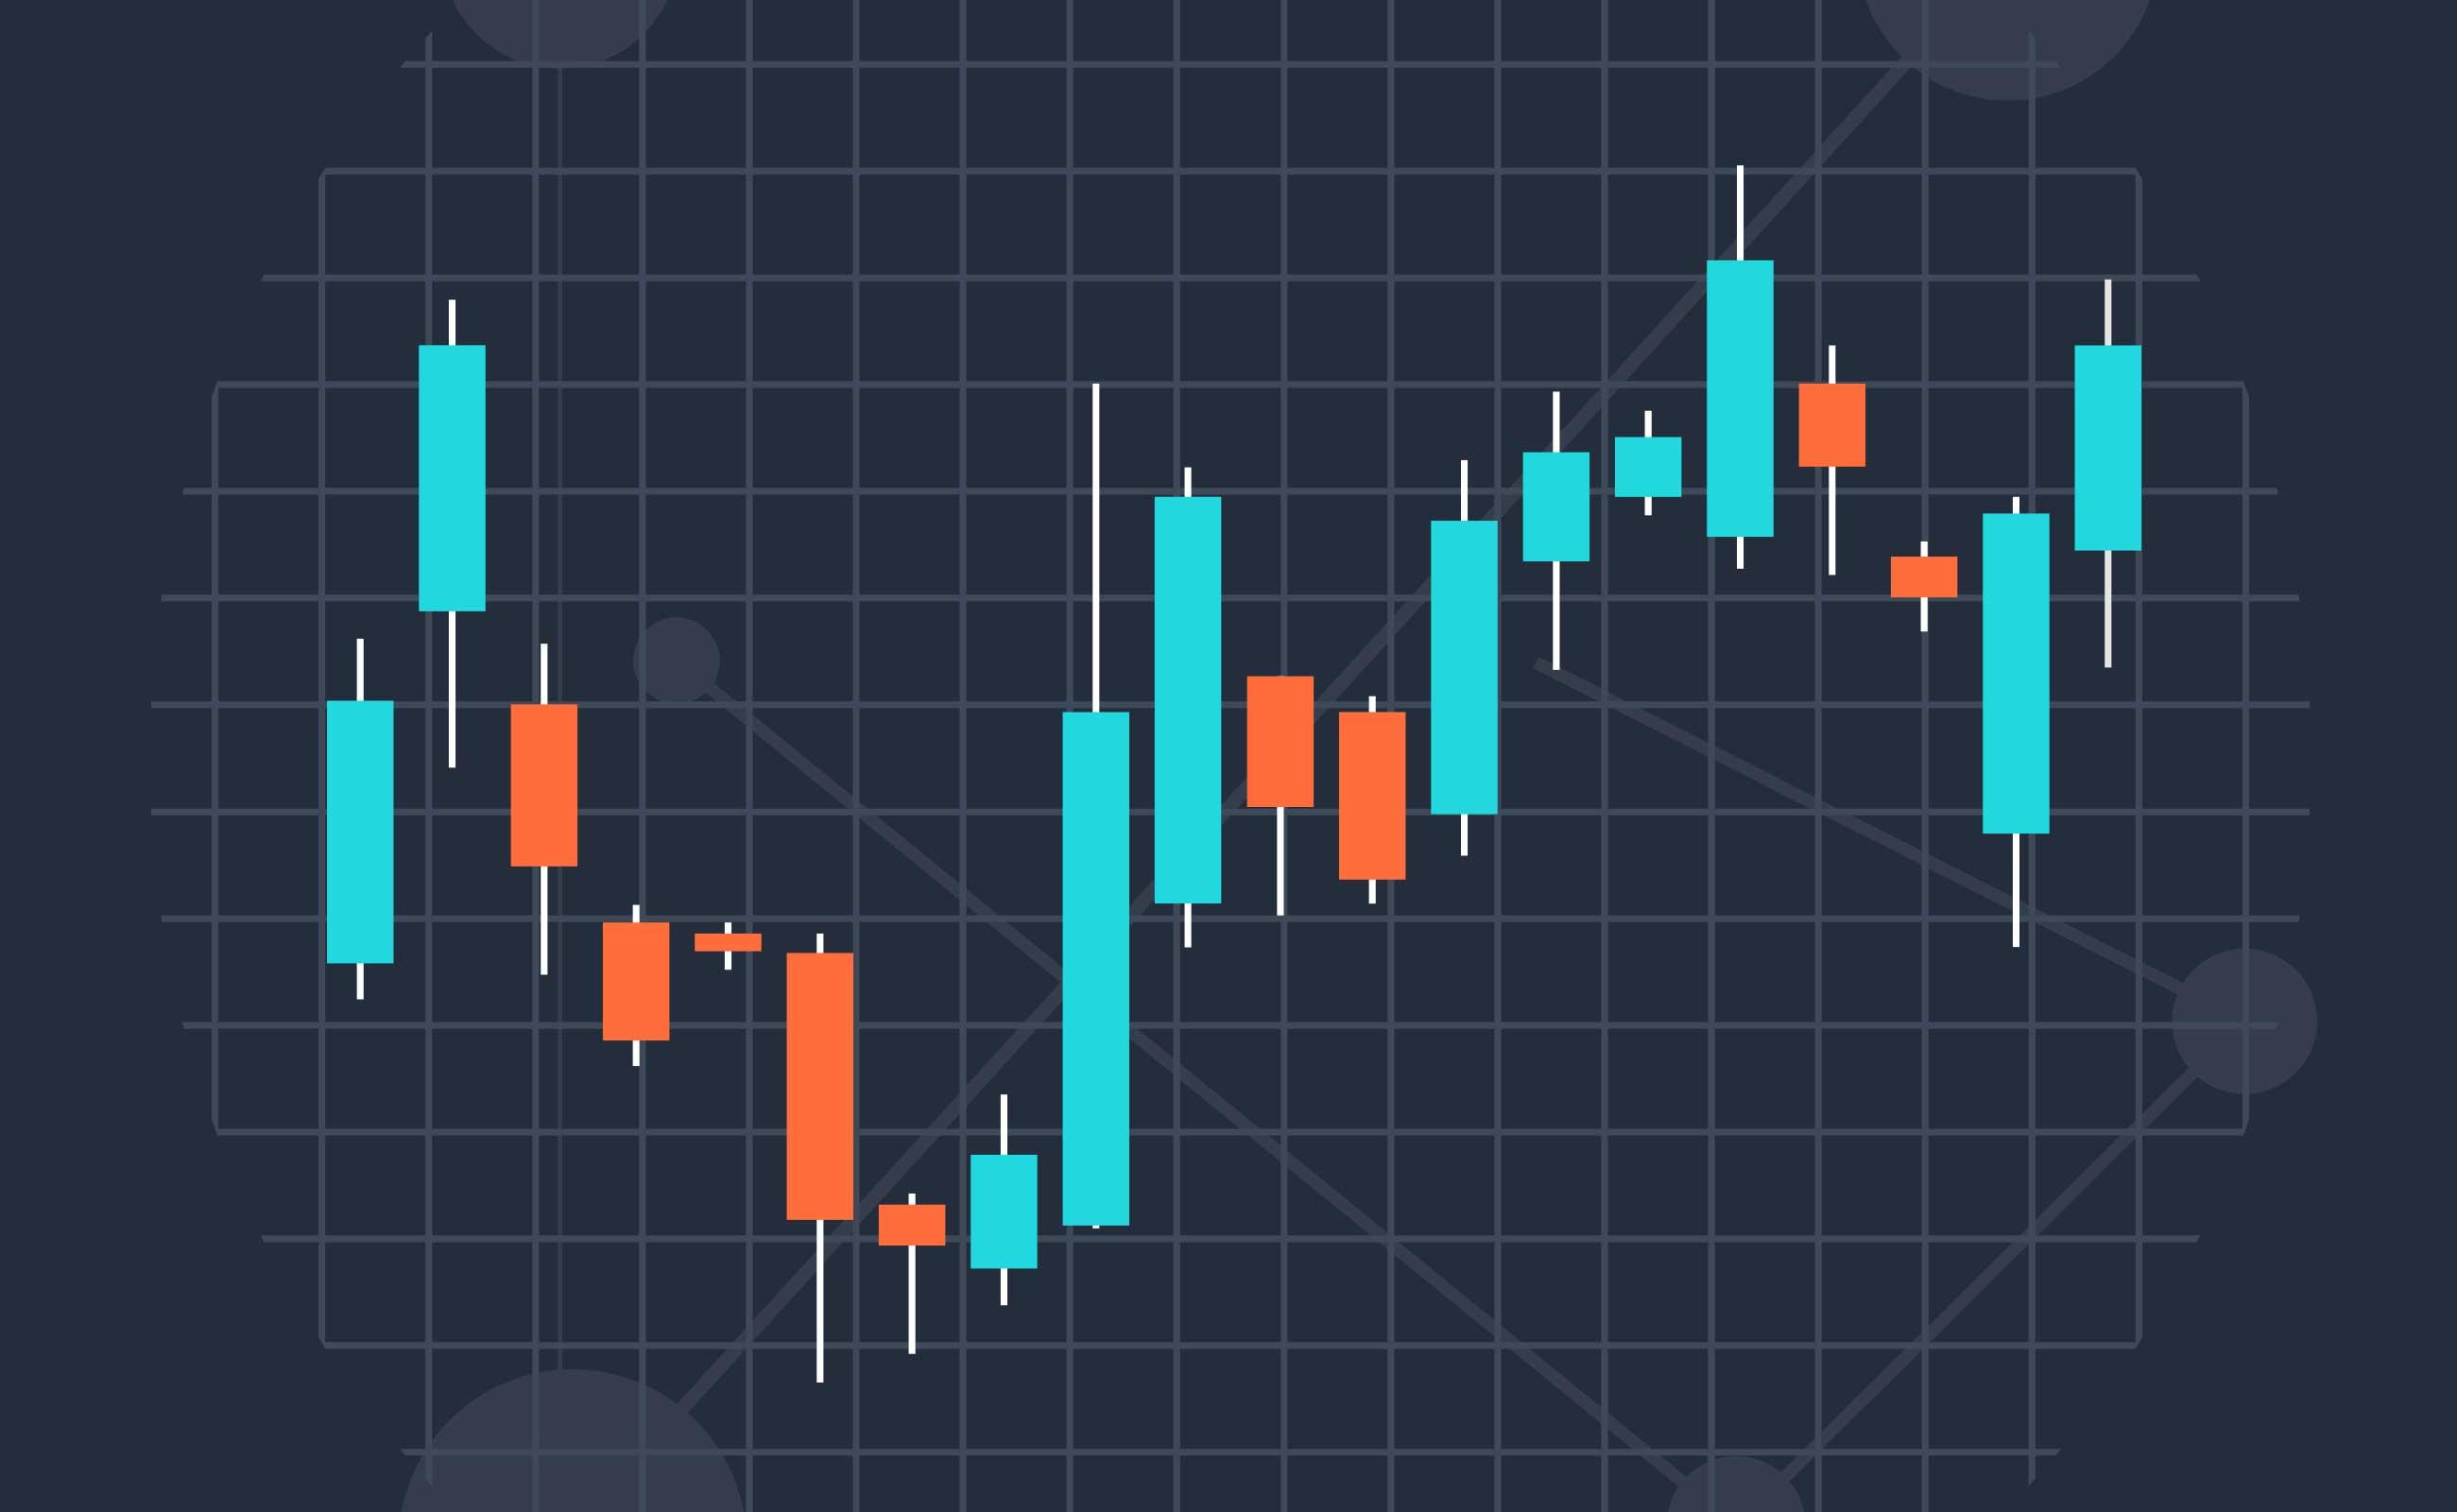 券商板块回调 机构关注后市投资机会